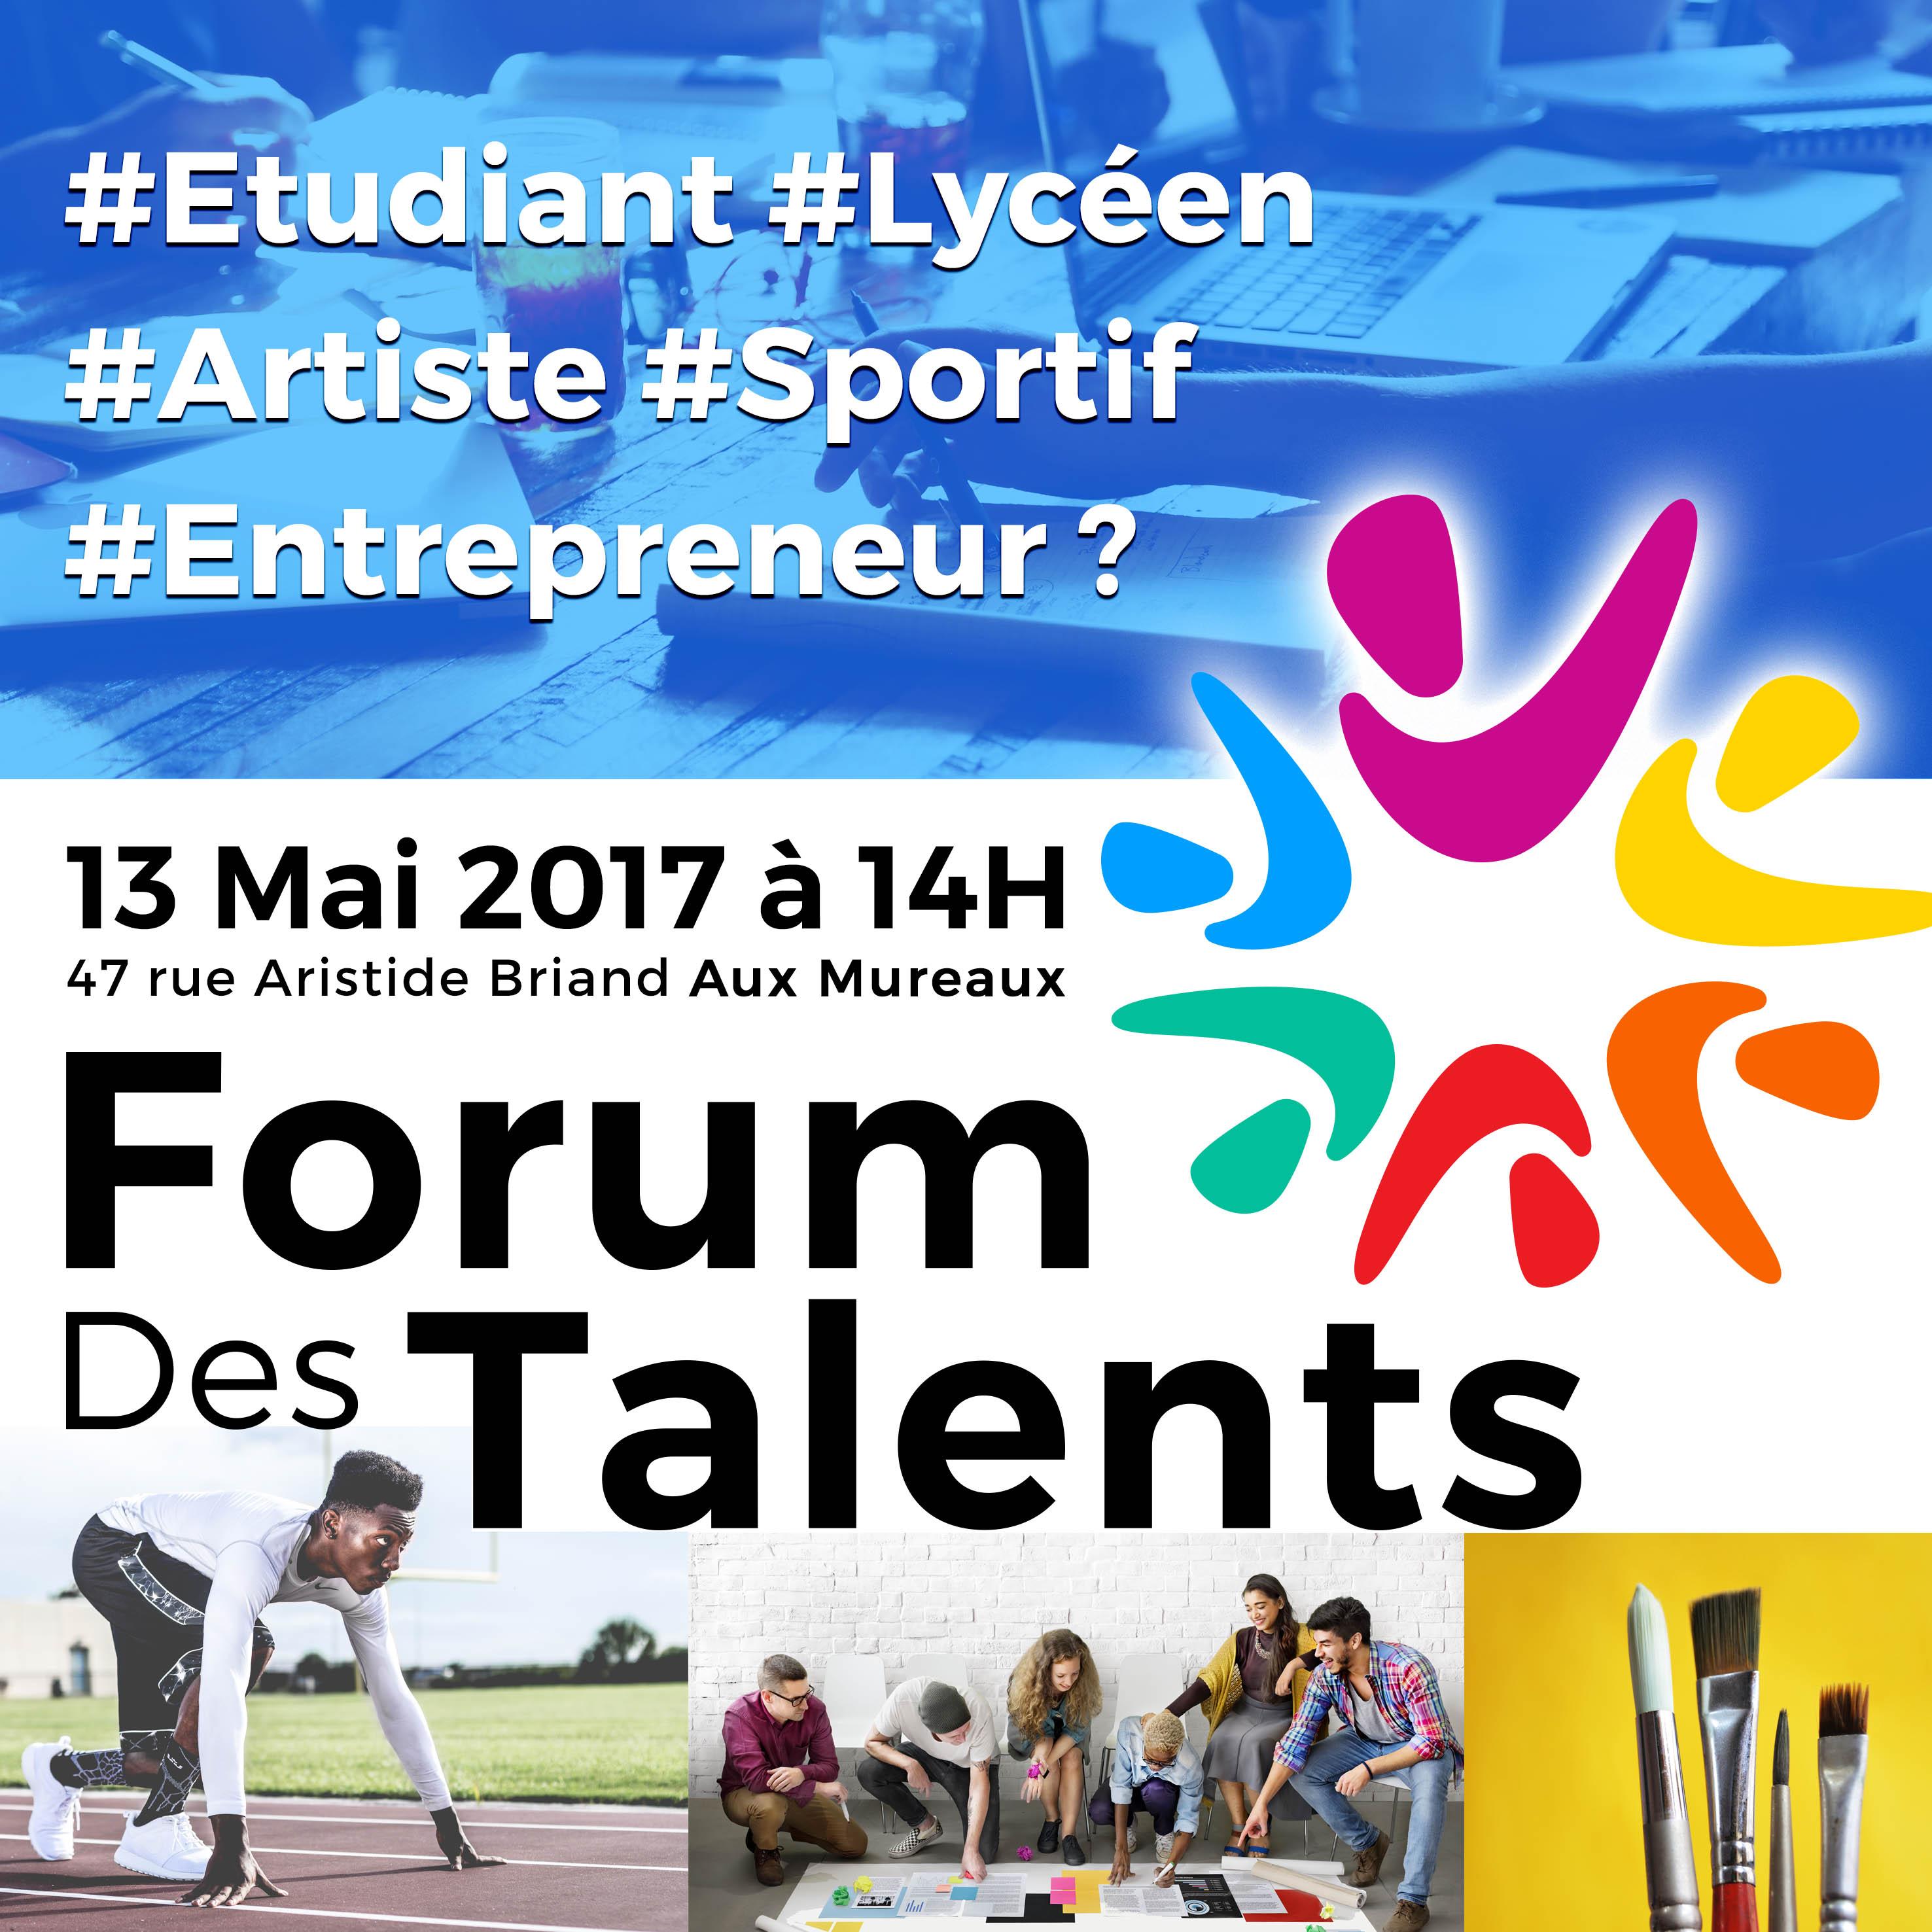 Forum des Talents Association Les Mureaux